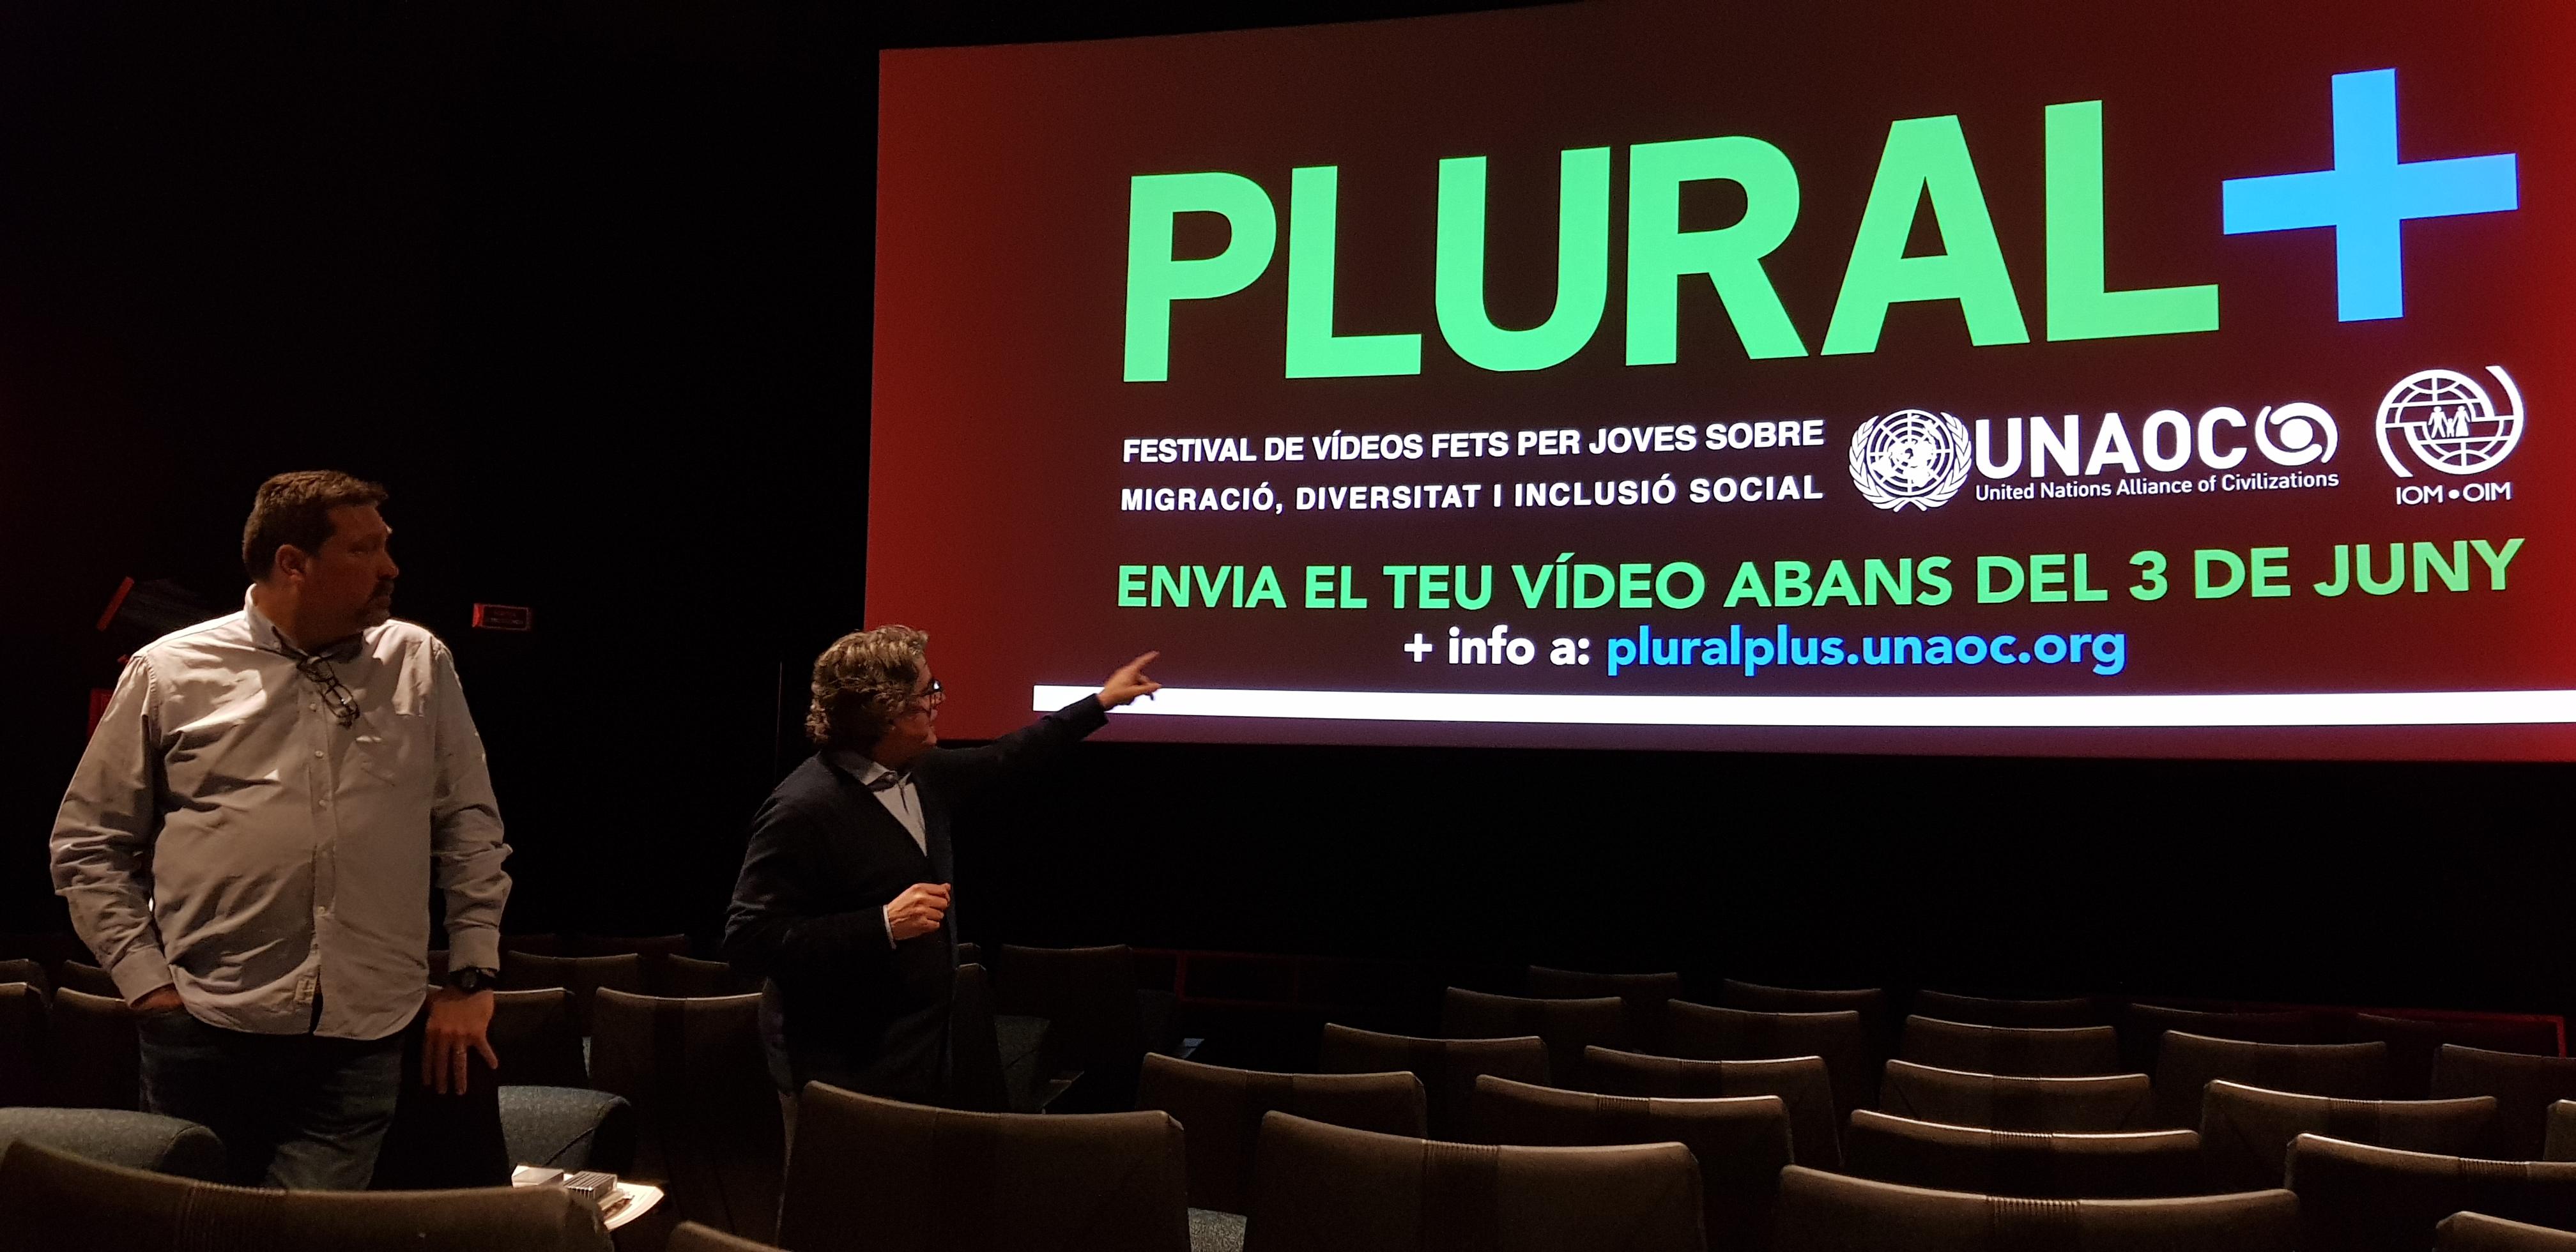 Nova edició del Festival Plural+: Oberta la inscripció de peces